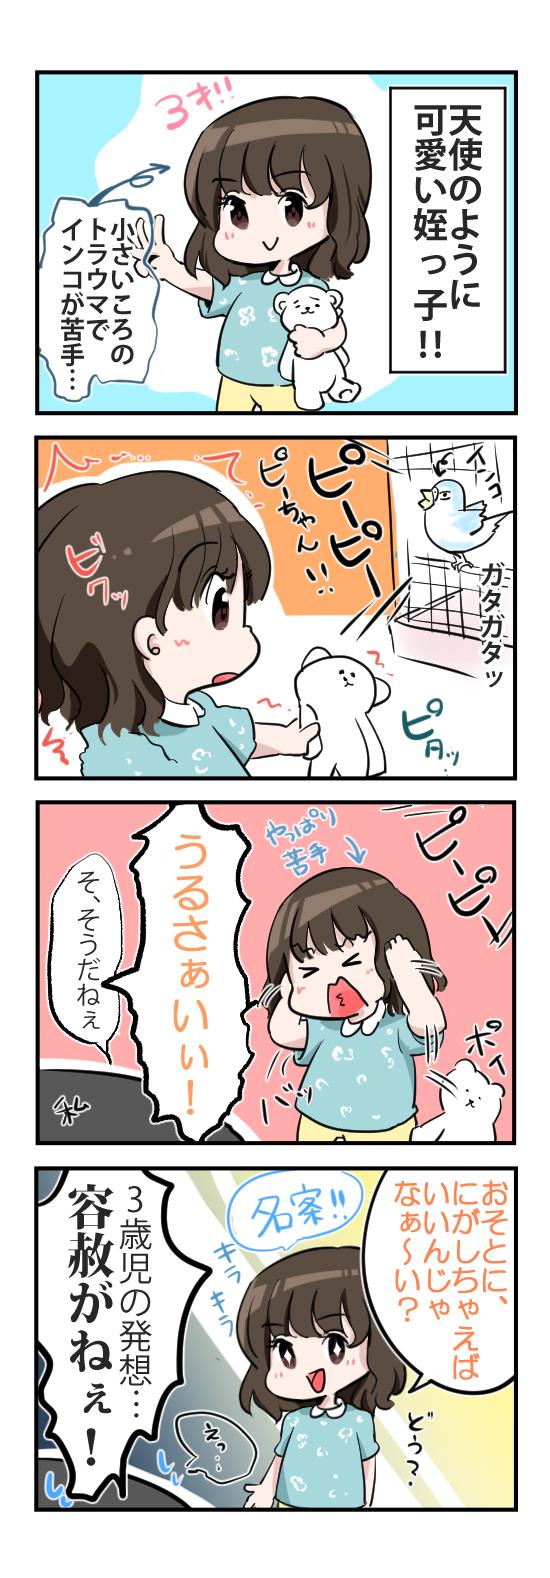 四コマ漫画 オリジナル 子供 ペット